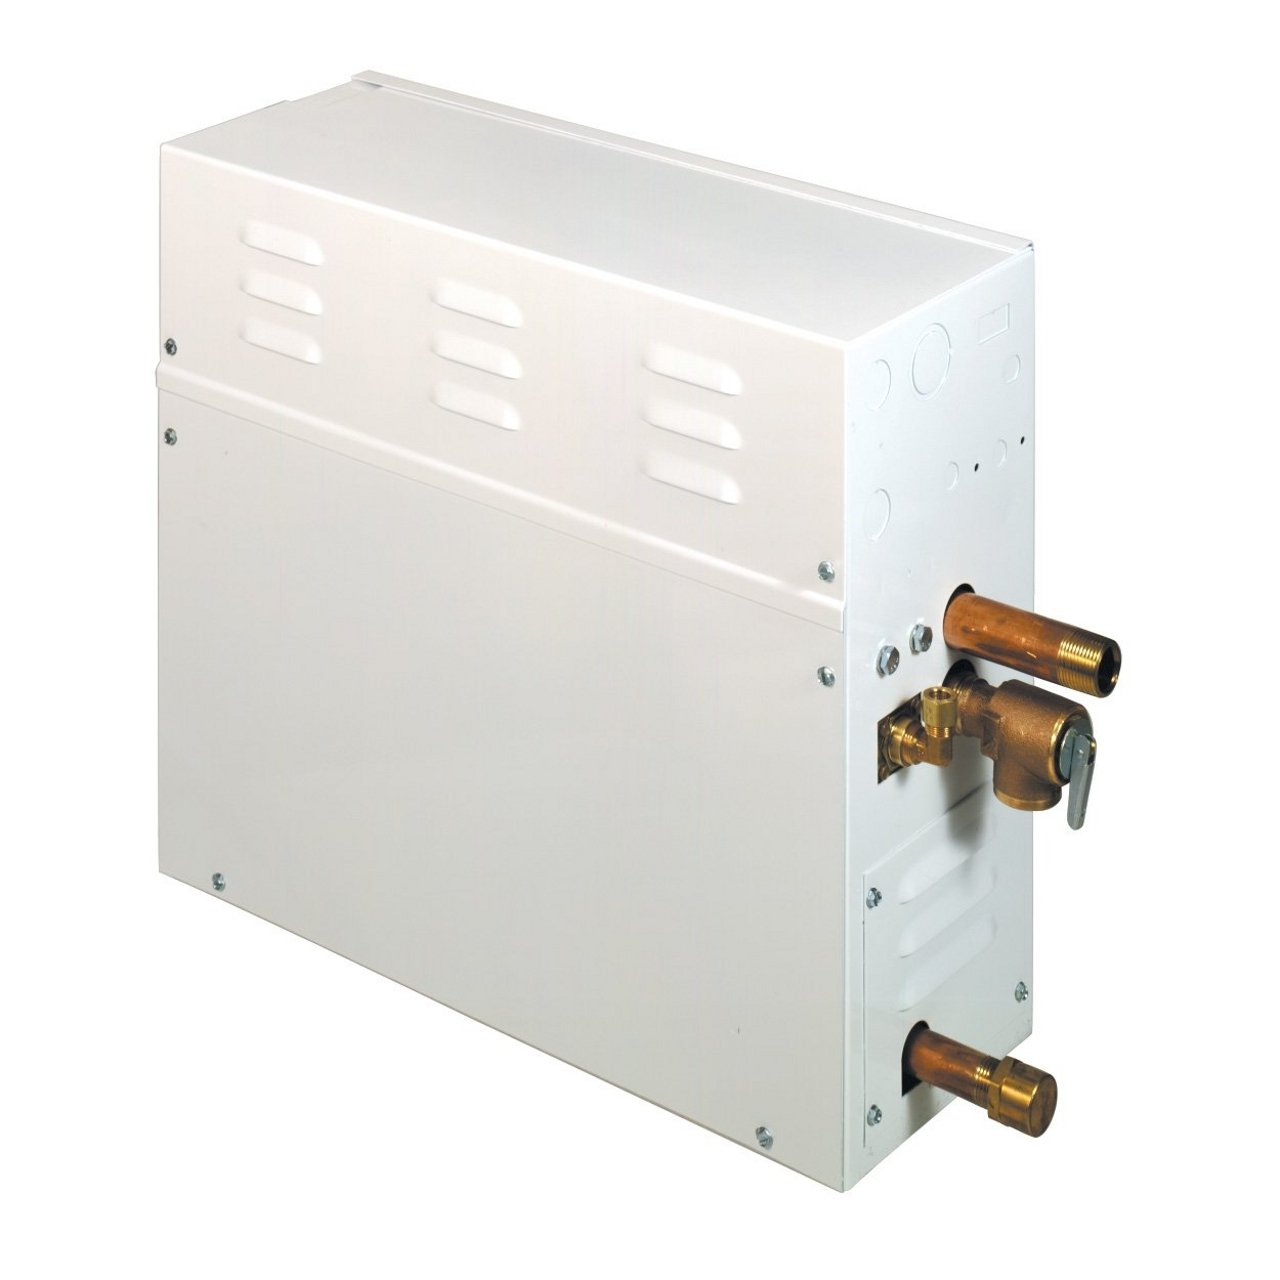 Steamist SM-15 15 kW Steam Generator